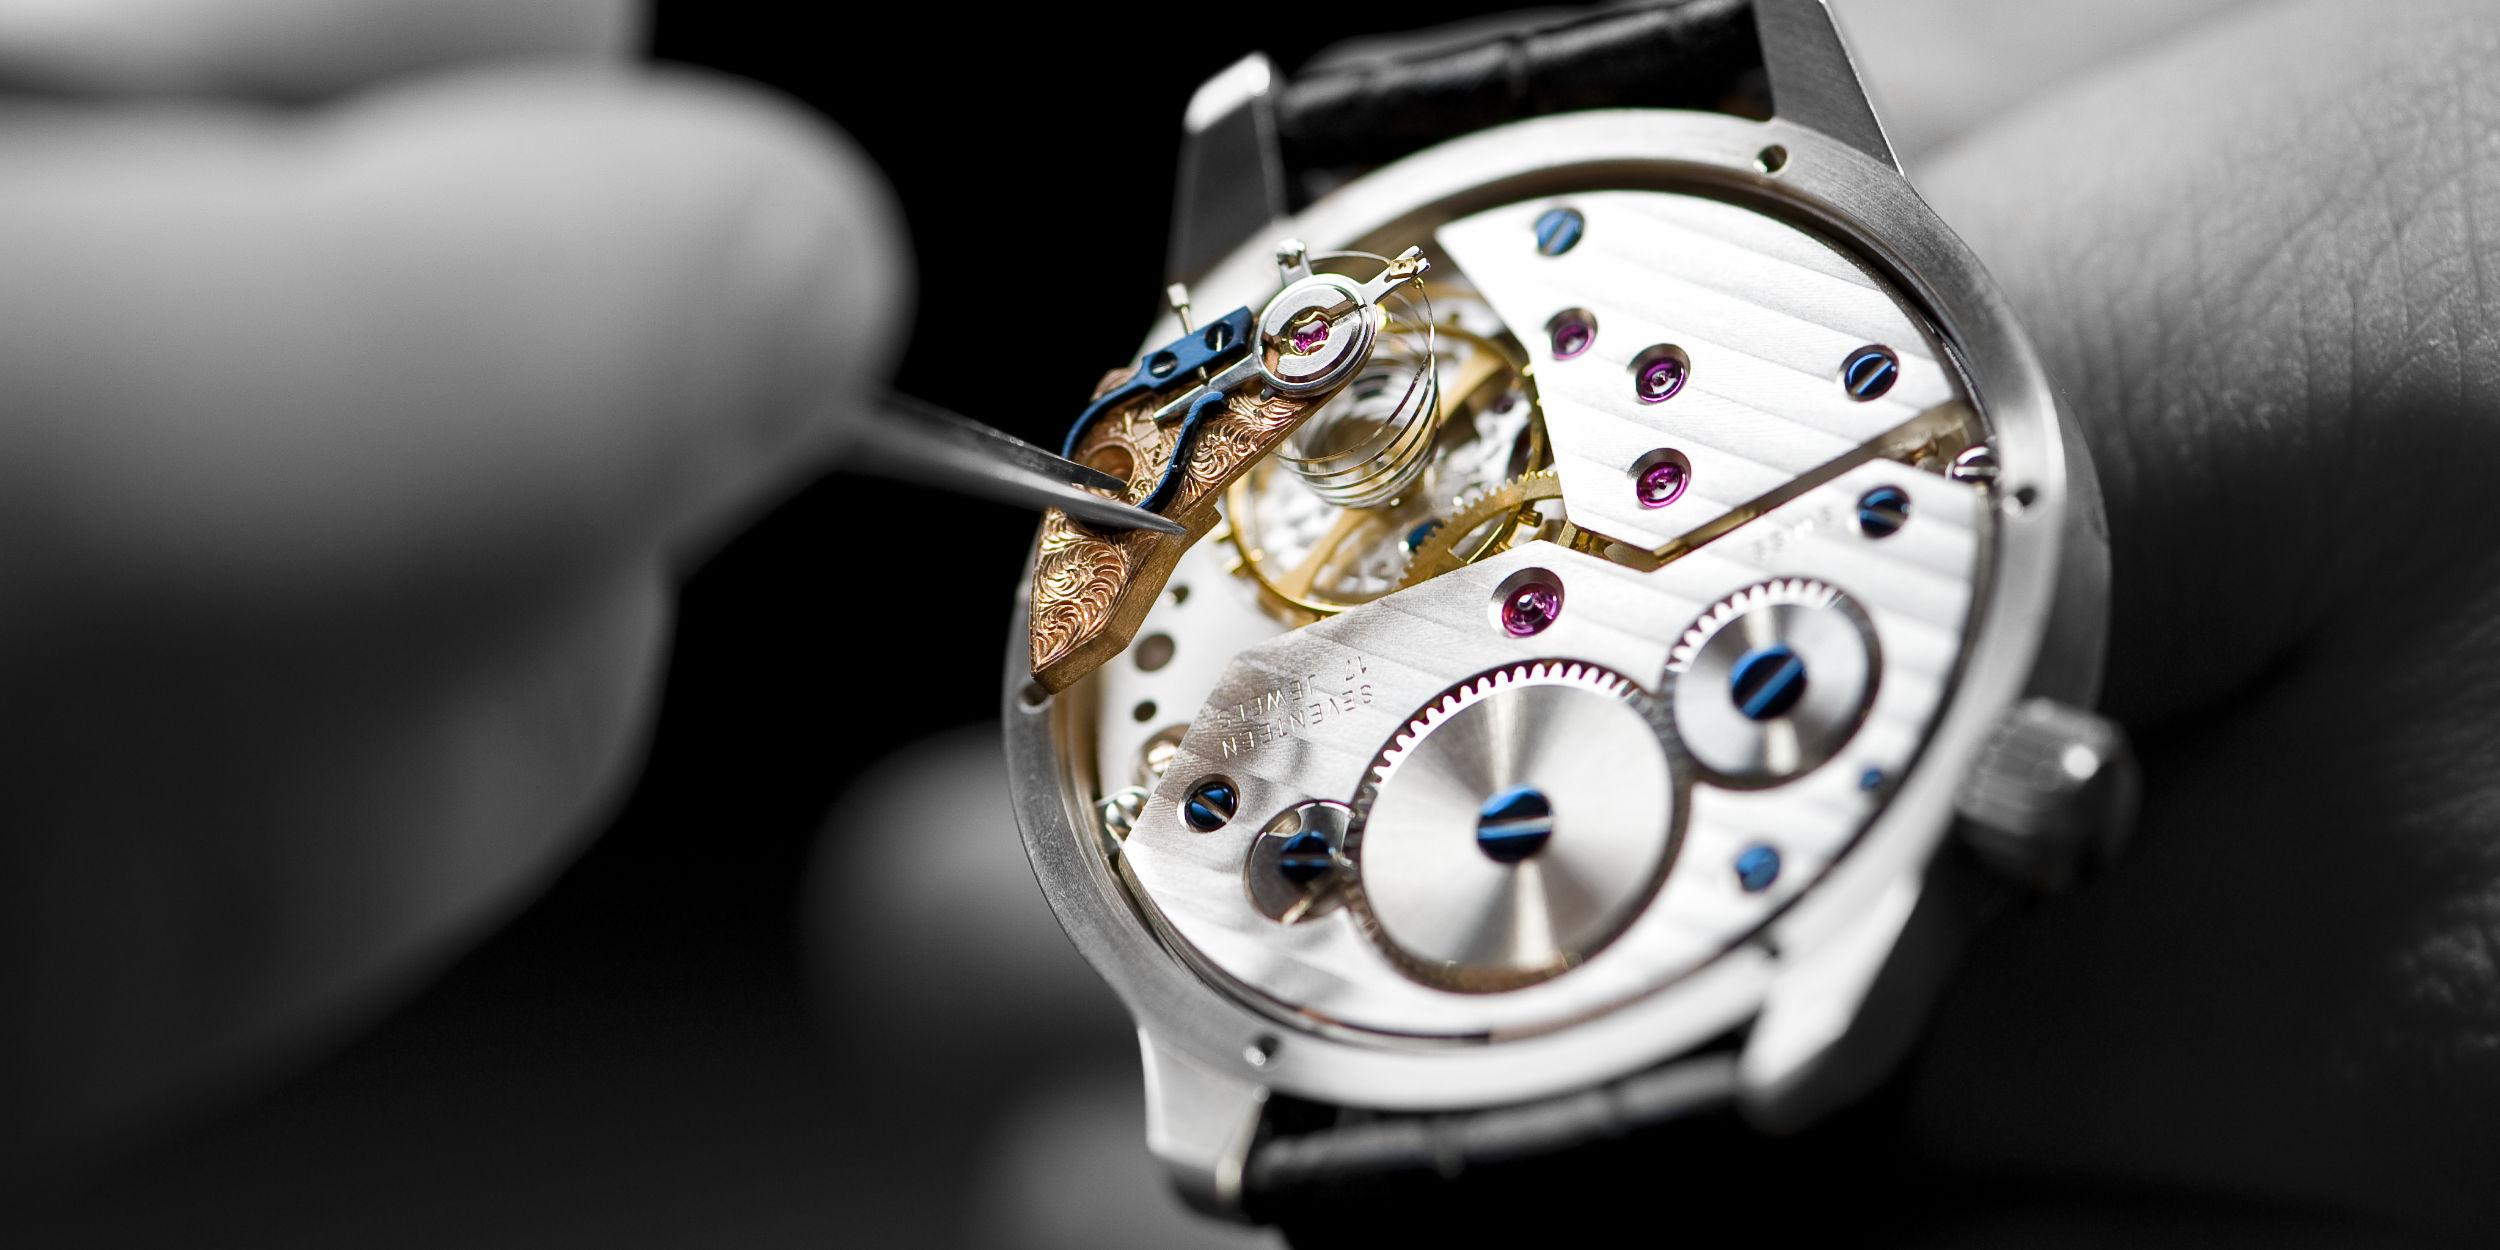 Produktfotografie Stuttgart und Umgebung Nivrel Uhr Uhrwerk Genfer Schliff Saarbrücken Saphir hand geschraubte Unruhe Aufzugsfeder Uhr Mechanik Uhrmacherkunst Handwerk